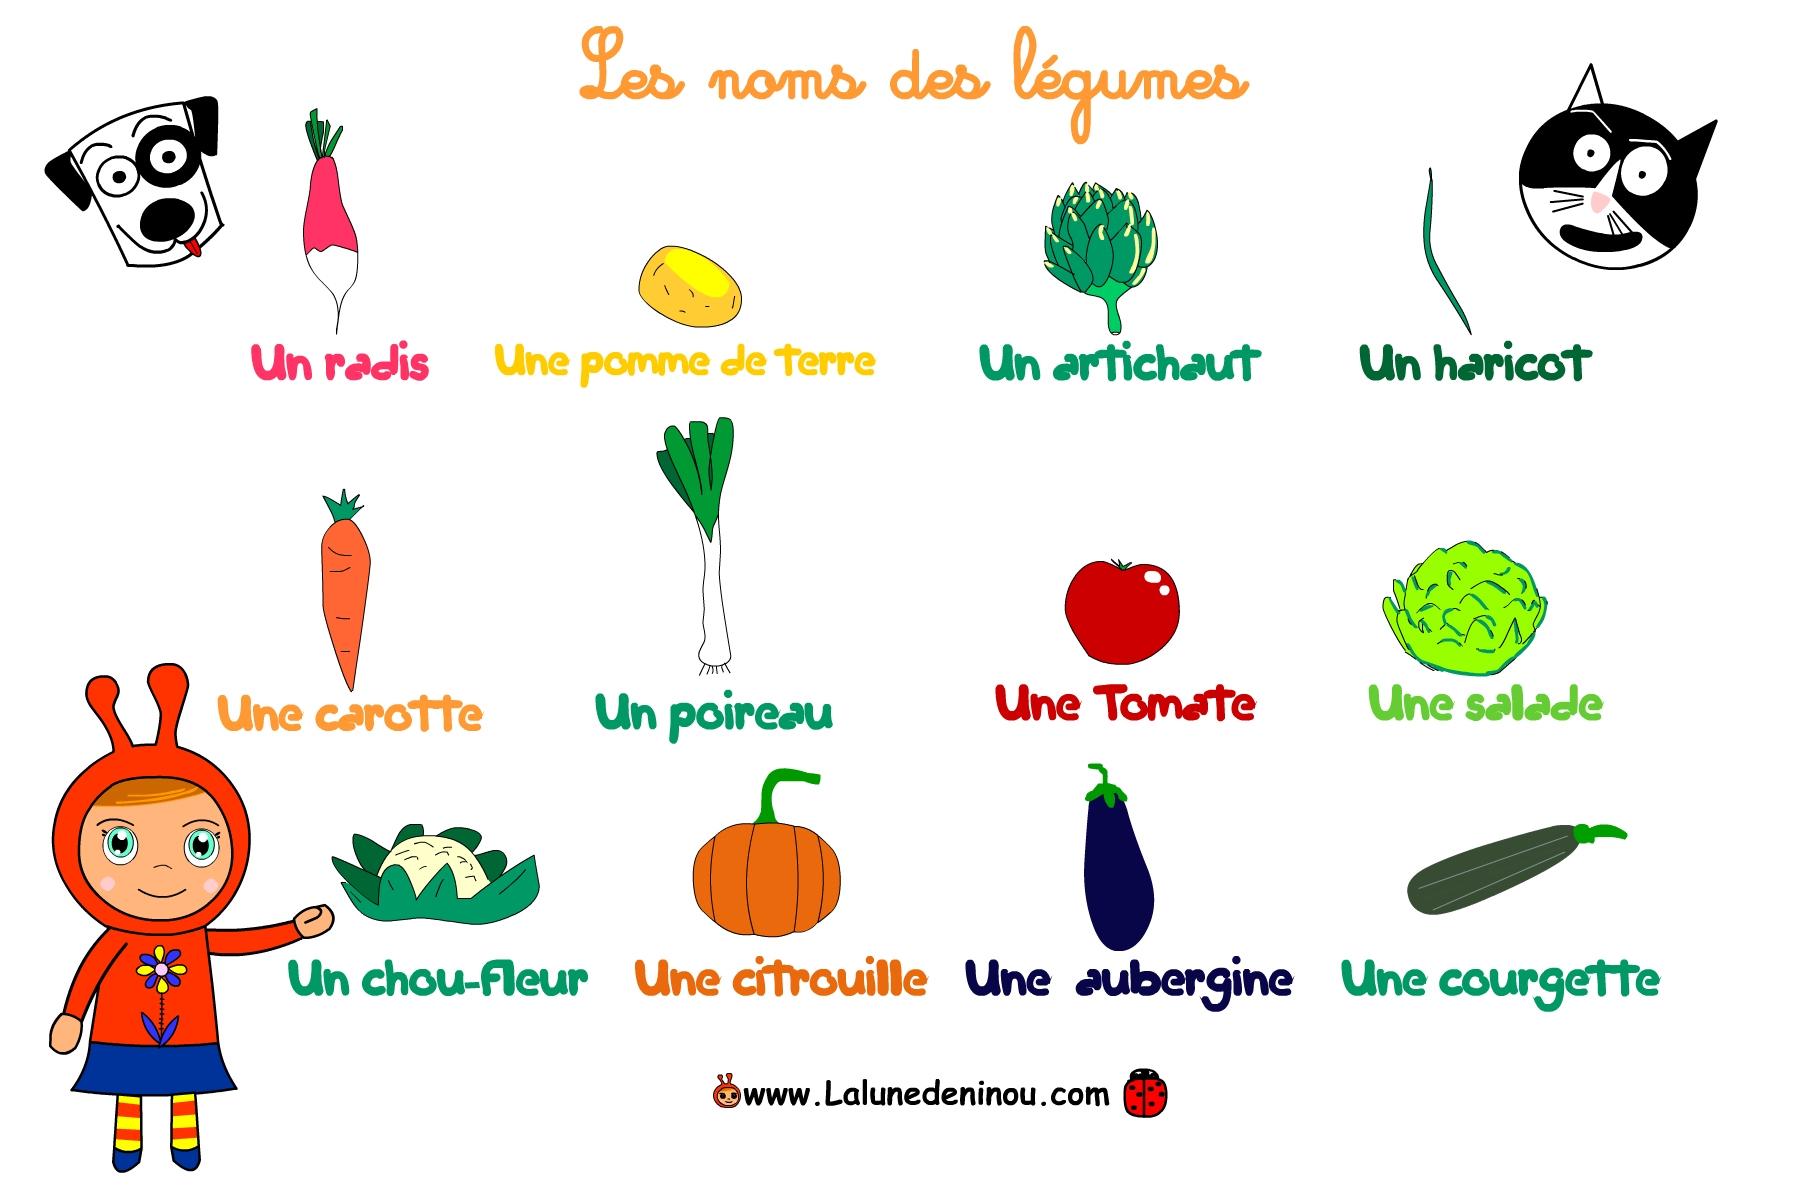 Apprendre Les Noms Des Légumes - Lalunedeninou destiné Nom Legume